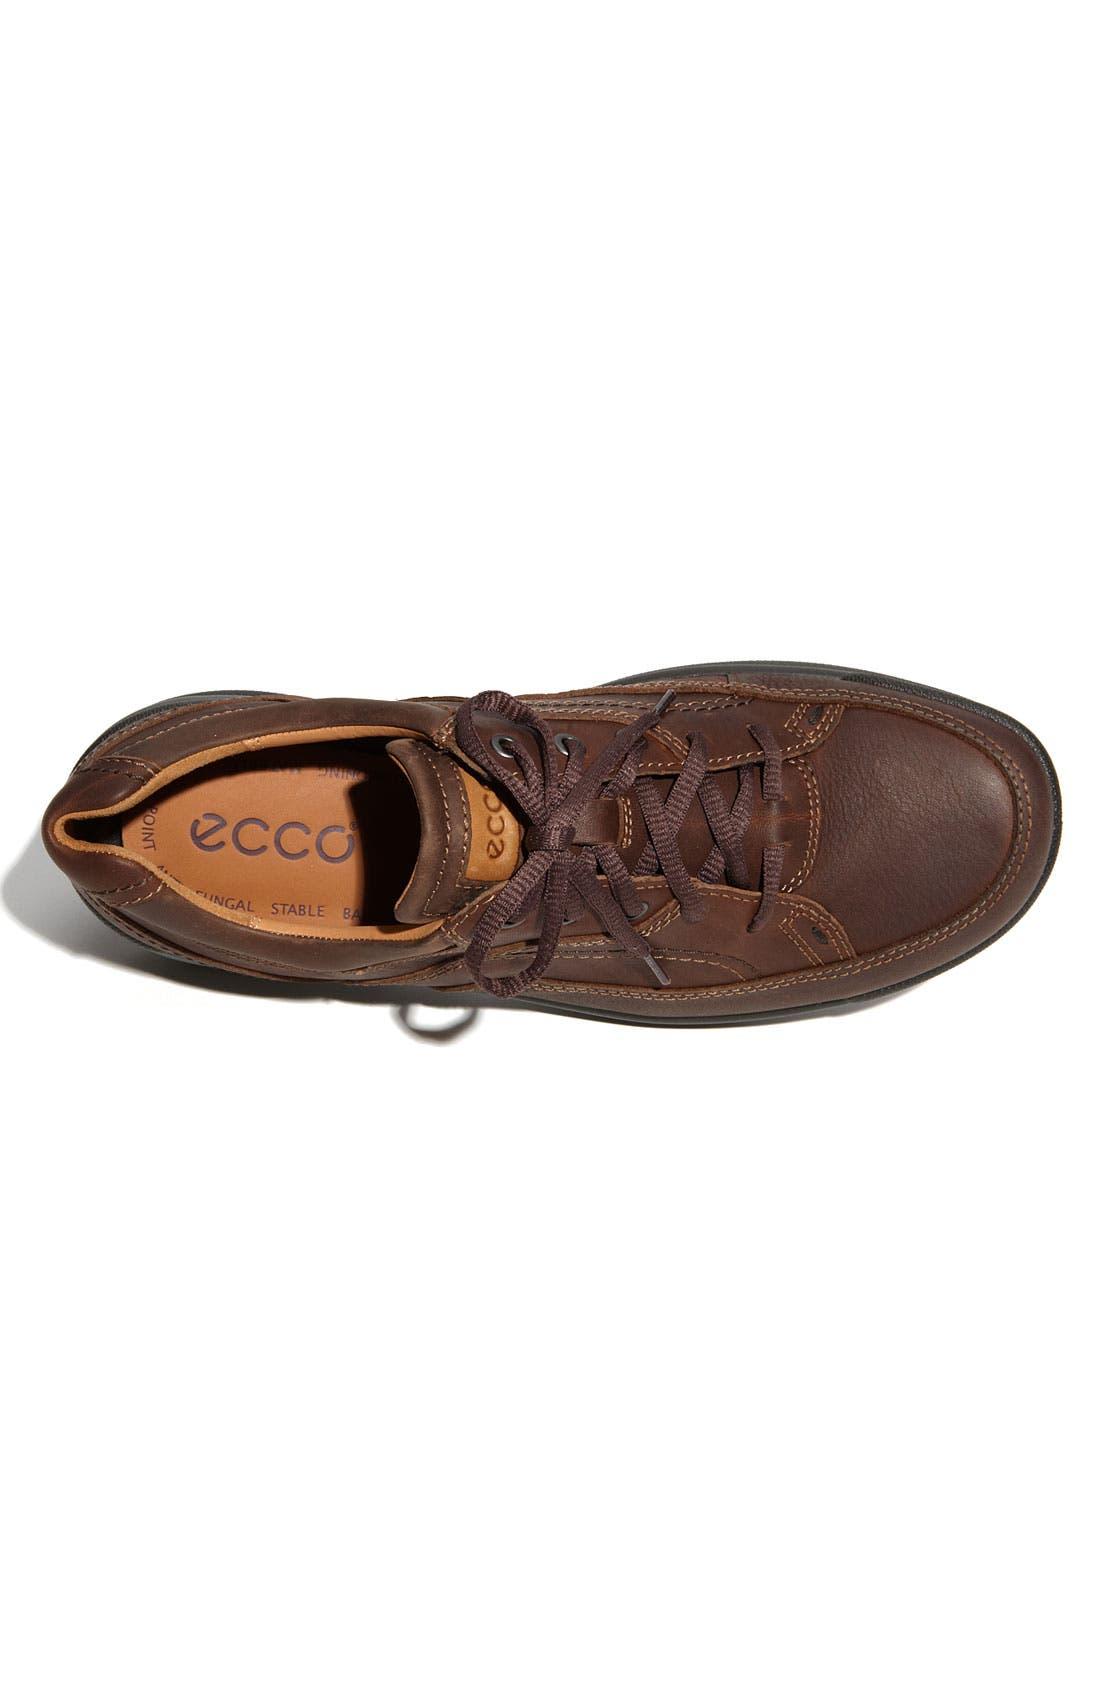 Alternate Image 3  - ECCO 'Remote' Lace-Up Oxford